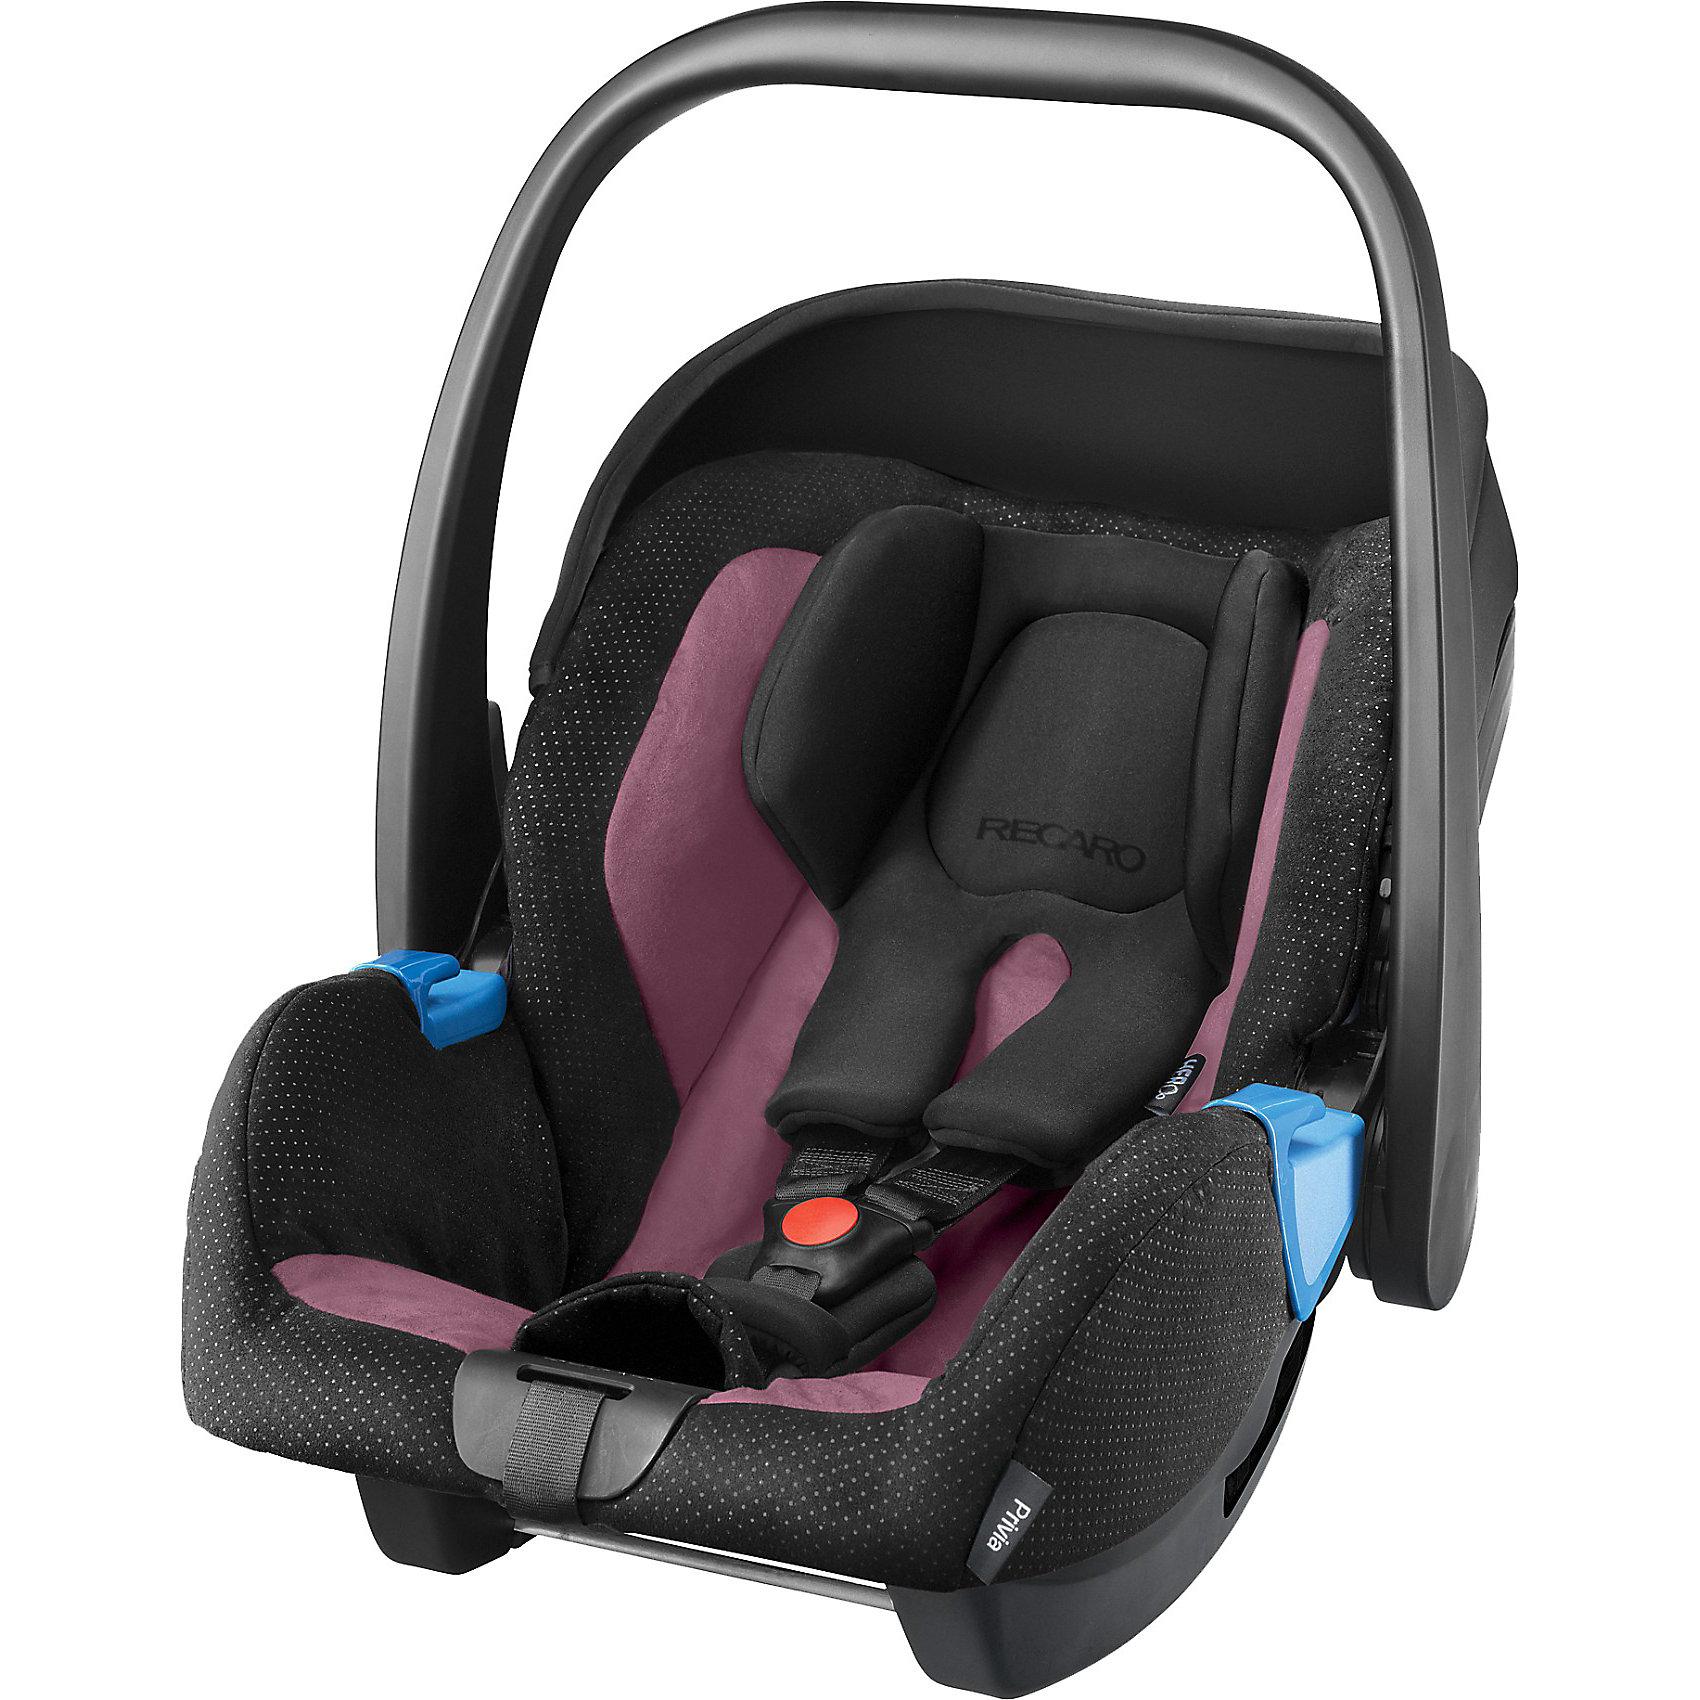 Автокресло RECARO Privia, 0-13 кг, violetГруппа 0+ (До 13 кг)<br>Одна из важнейших задач родителей - обеспечить ребенку безопасность во время поездок на автомобиле. Современные технологии помогают это сделать достаточно легко. Пример тому: автокресло-переноска Privia от бренда Recaro.<br>Кресло рассчитано на самых маленьких. Даже новорожденным оно обеспечит комфорт передвижения благодаря подушке и специально разработанным для малышей ремням безопасности. В автокресле есть усиленная защита от боковых ударов, оно хорошо зарекомендовало себя на краш-тестах. Кресло стильно выглядит, его легко чистить благодаря съемному чехлу. Подарите удобство себе и детям!<br><br>Дополнительная информация:<br><br>цвет: черный, фиолетовый;<br>материал: пластик, текстиль;<br>вес ребенка: от 0 до 13 кг;<br>можно использовать как качалку;<br>фиксация ремнем машины;<br>устанавливается против движения;<br>вес: 3700 г;<br>3-точечные ремни безопасности;<br>ручка;<br>усиленная защита от боковых ударов;<br>чехол снимается;<br>анатомическая подушка;<br>размеры: 65 х 57 х 44 см.<br><br>Автокресло Privia,  0-13 кг, от компании Recaro можно купить в нашем магазине.<br><br>Ширина мм: 750<br>Глубина мм: 480<br>Высота мм: 420<br>Вес г: 6490<br>Цвет: schwarz/lila<br>Возраст от месяцев: 0<br>Возраст до месяцев: 15<br>Пол: Женский<br>Возраст: Детский<br>SKU: 3773473